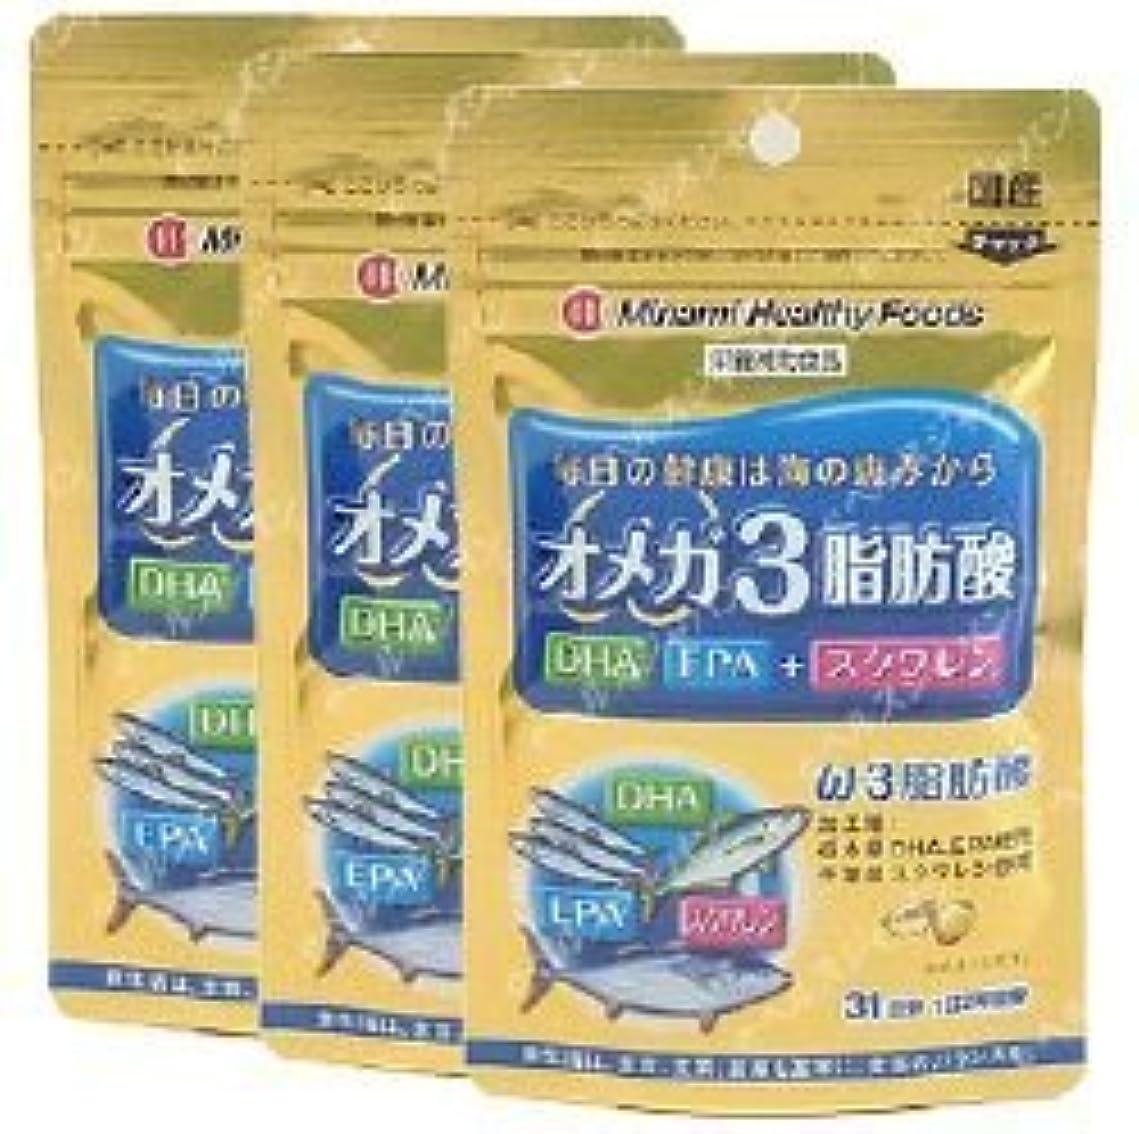 正当化するアブセイ貢献オメガ3脂肪酸 31日分 62球(お取り寄せ品)×3個 4945904017975*3